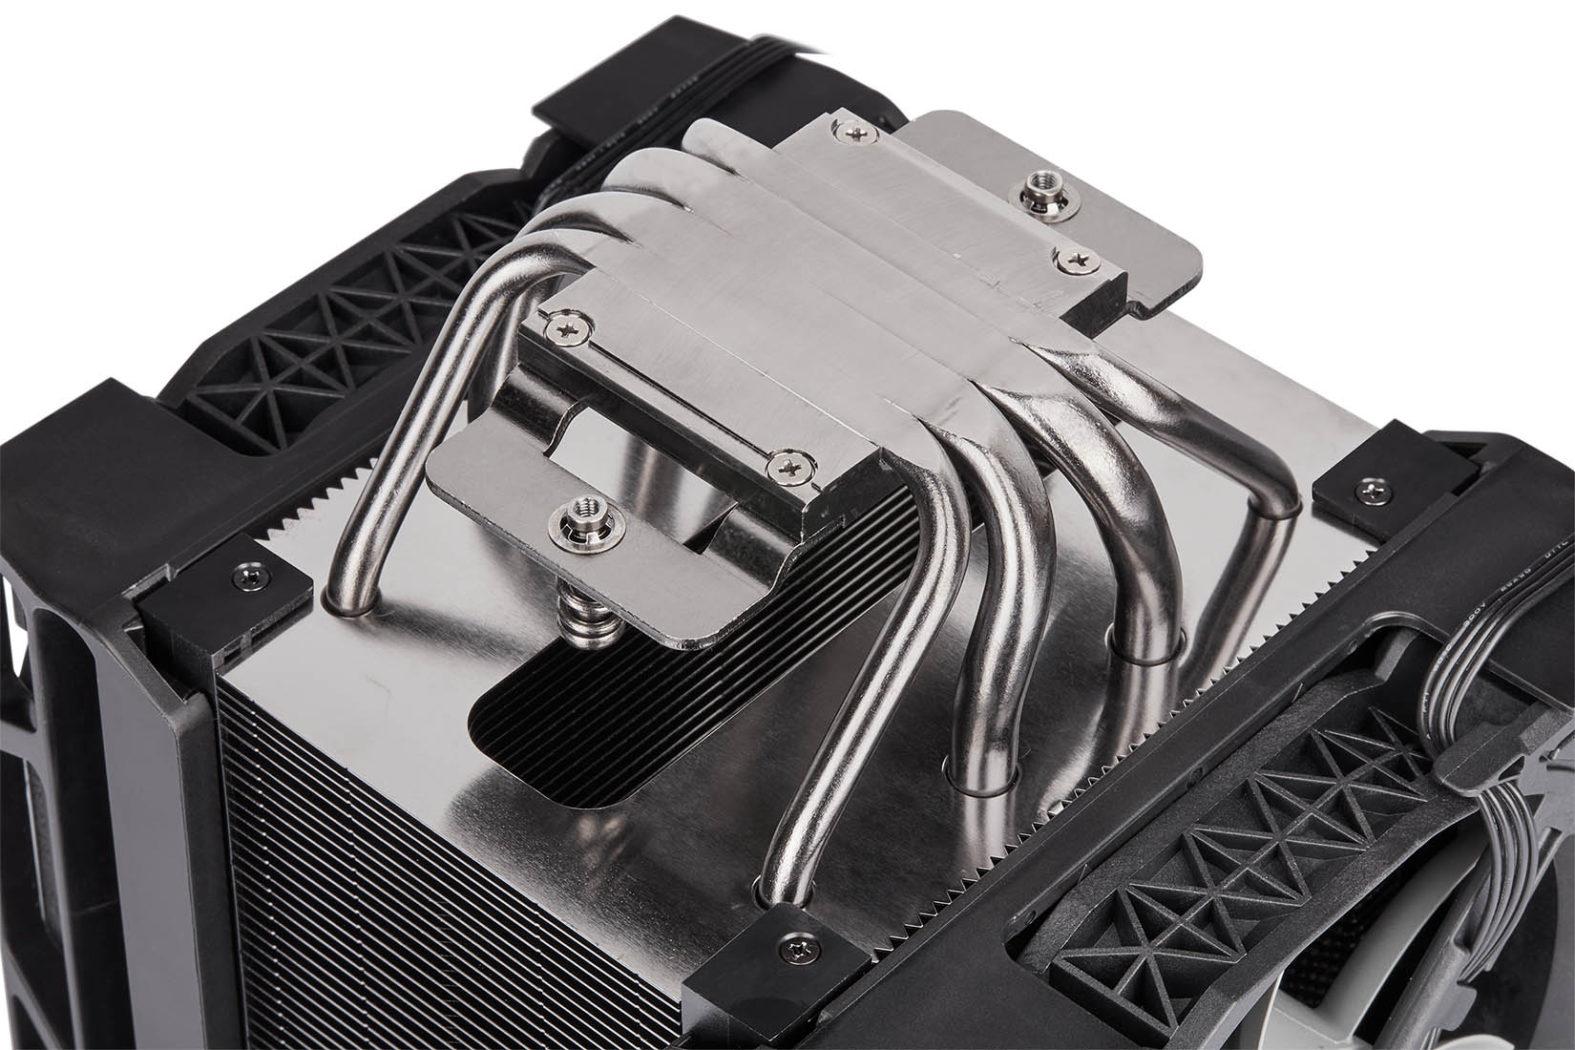 Corsair A500 Heatpipes